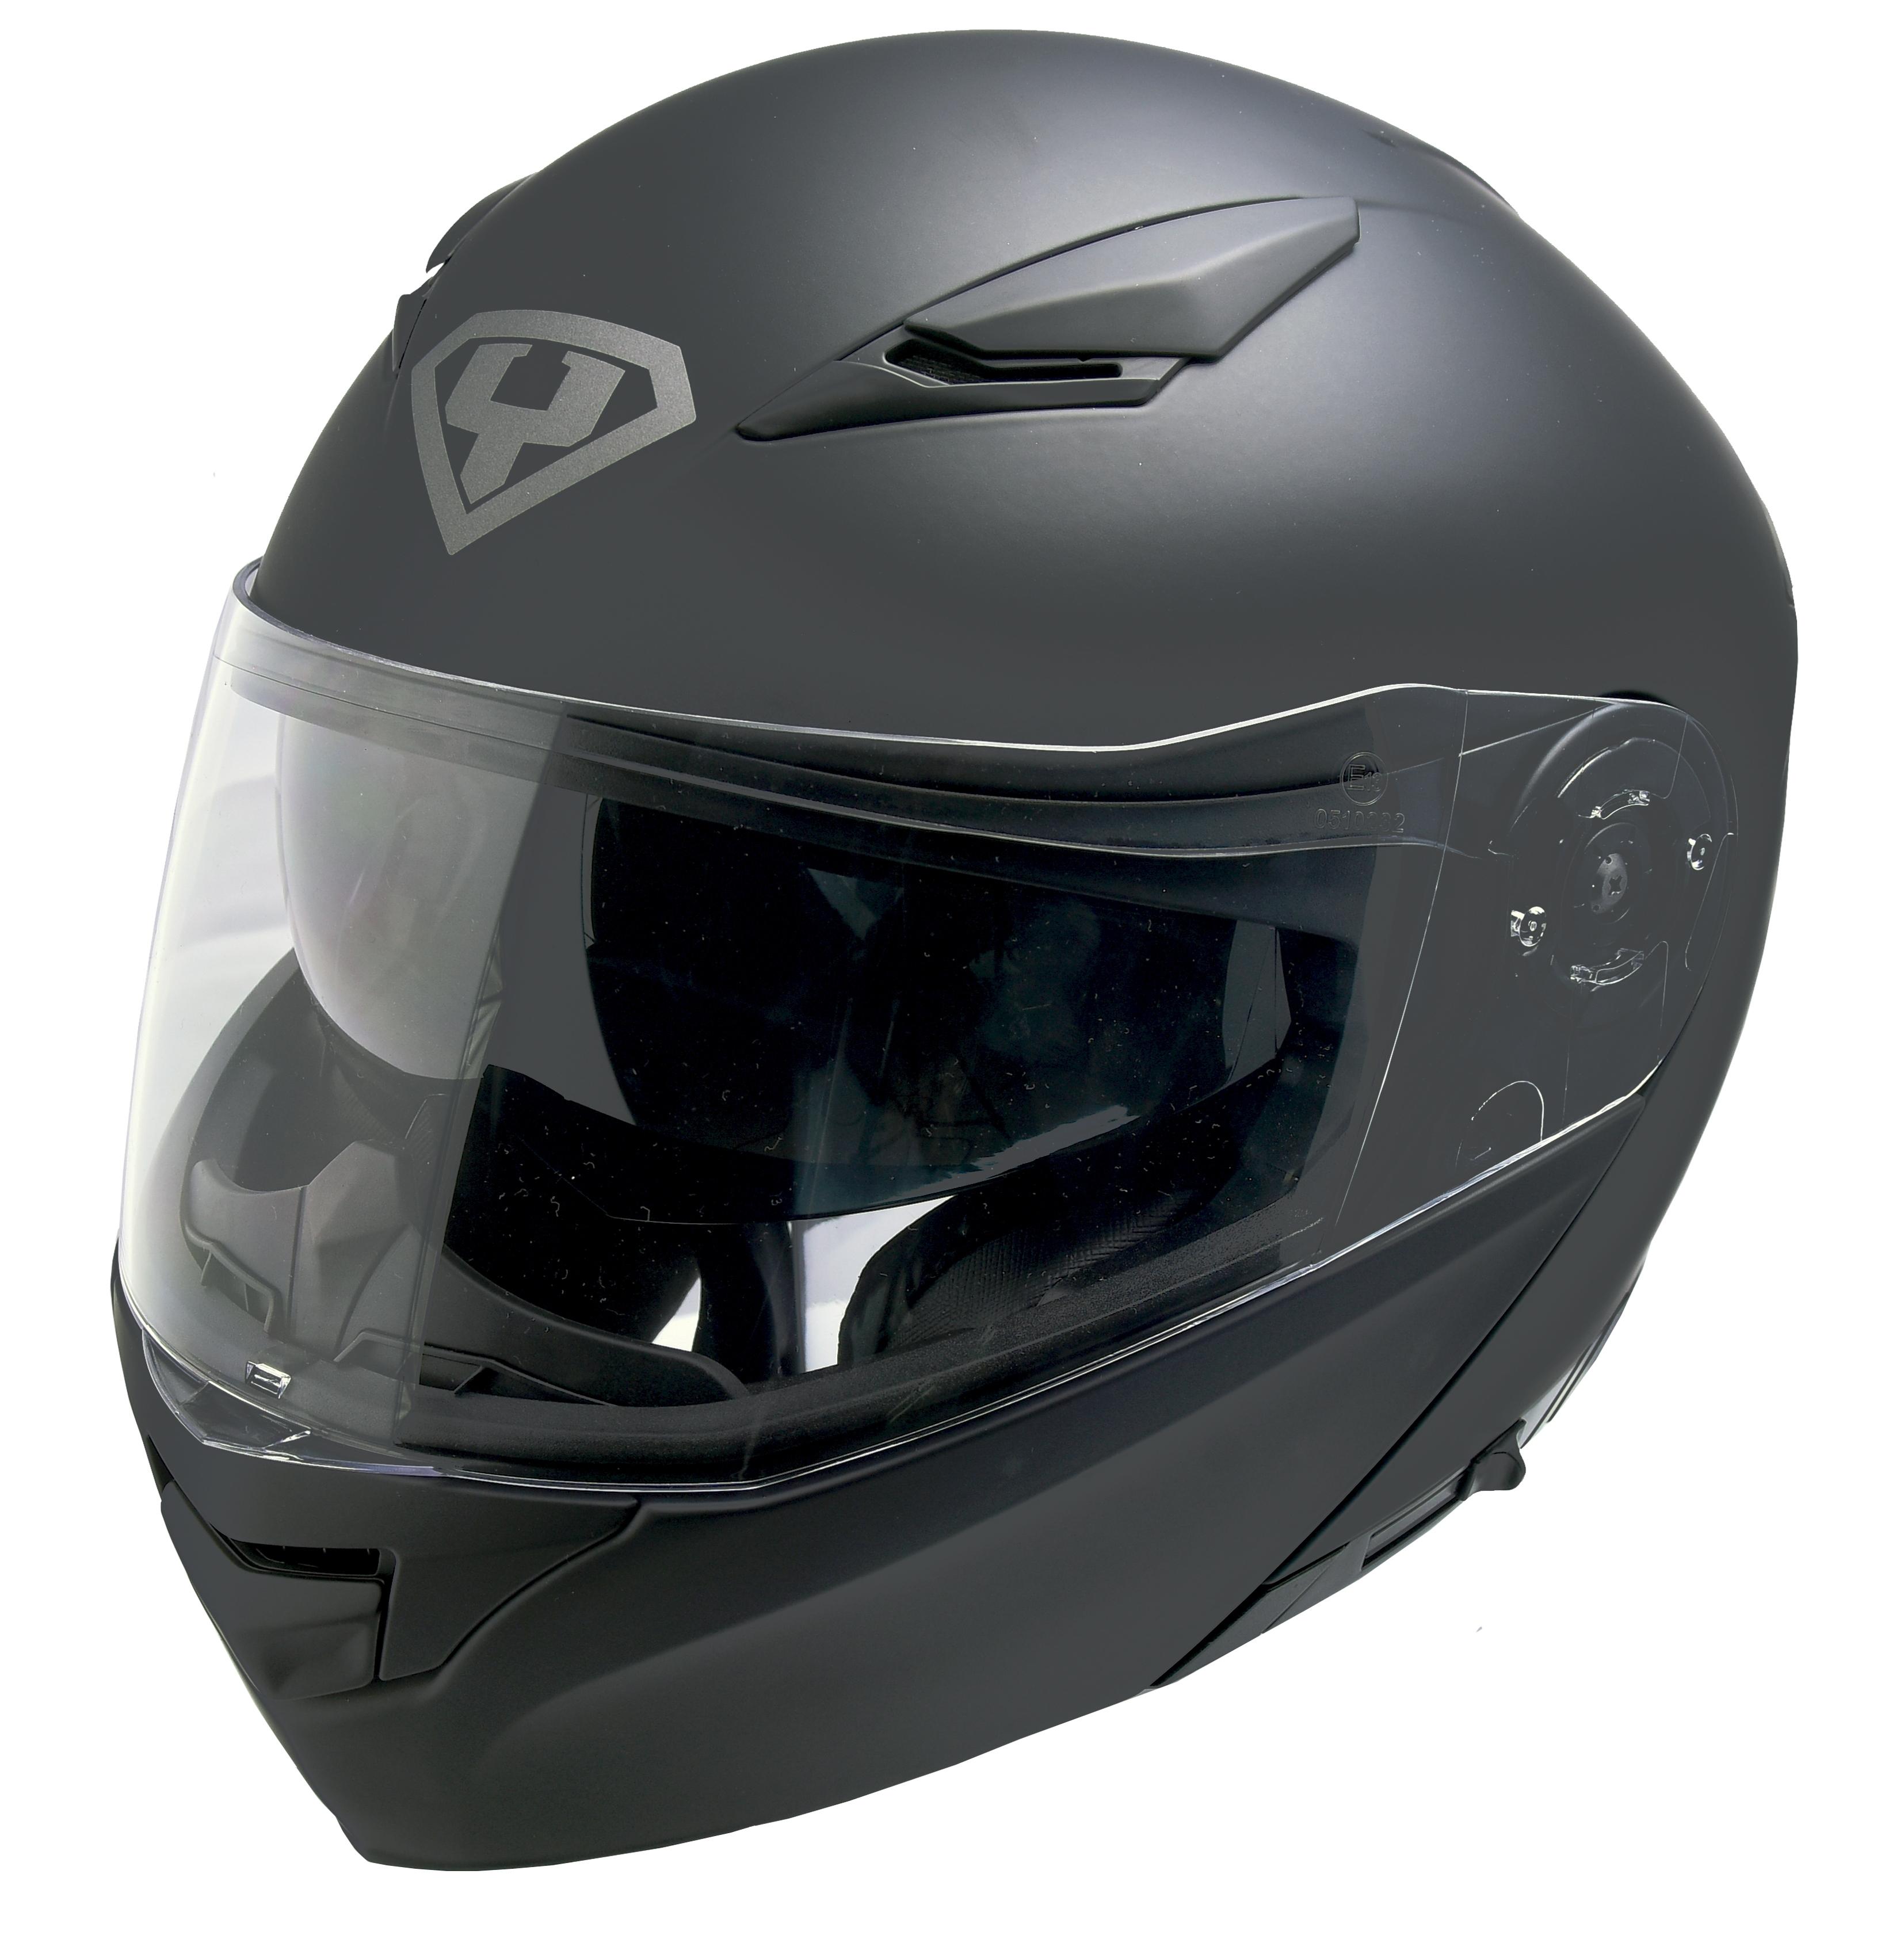 Moto helma Yohe 950 černá matná